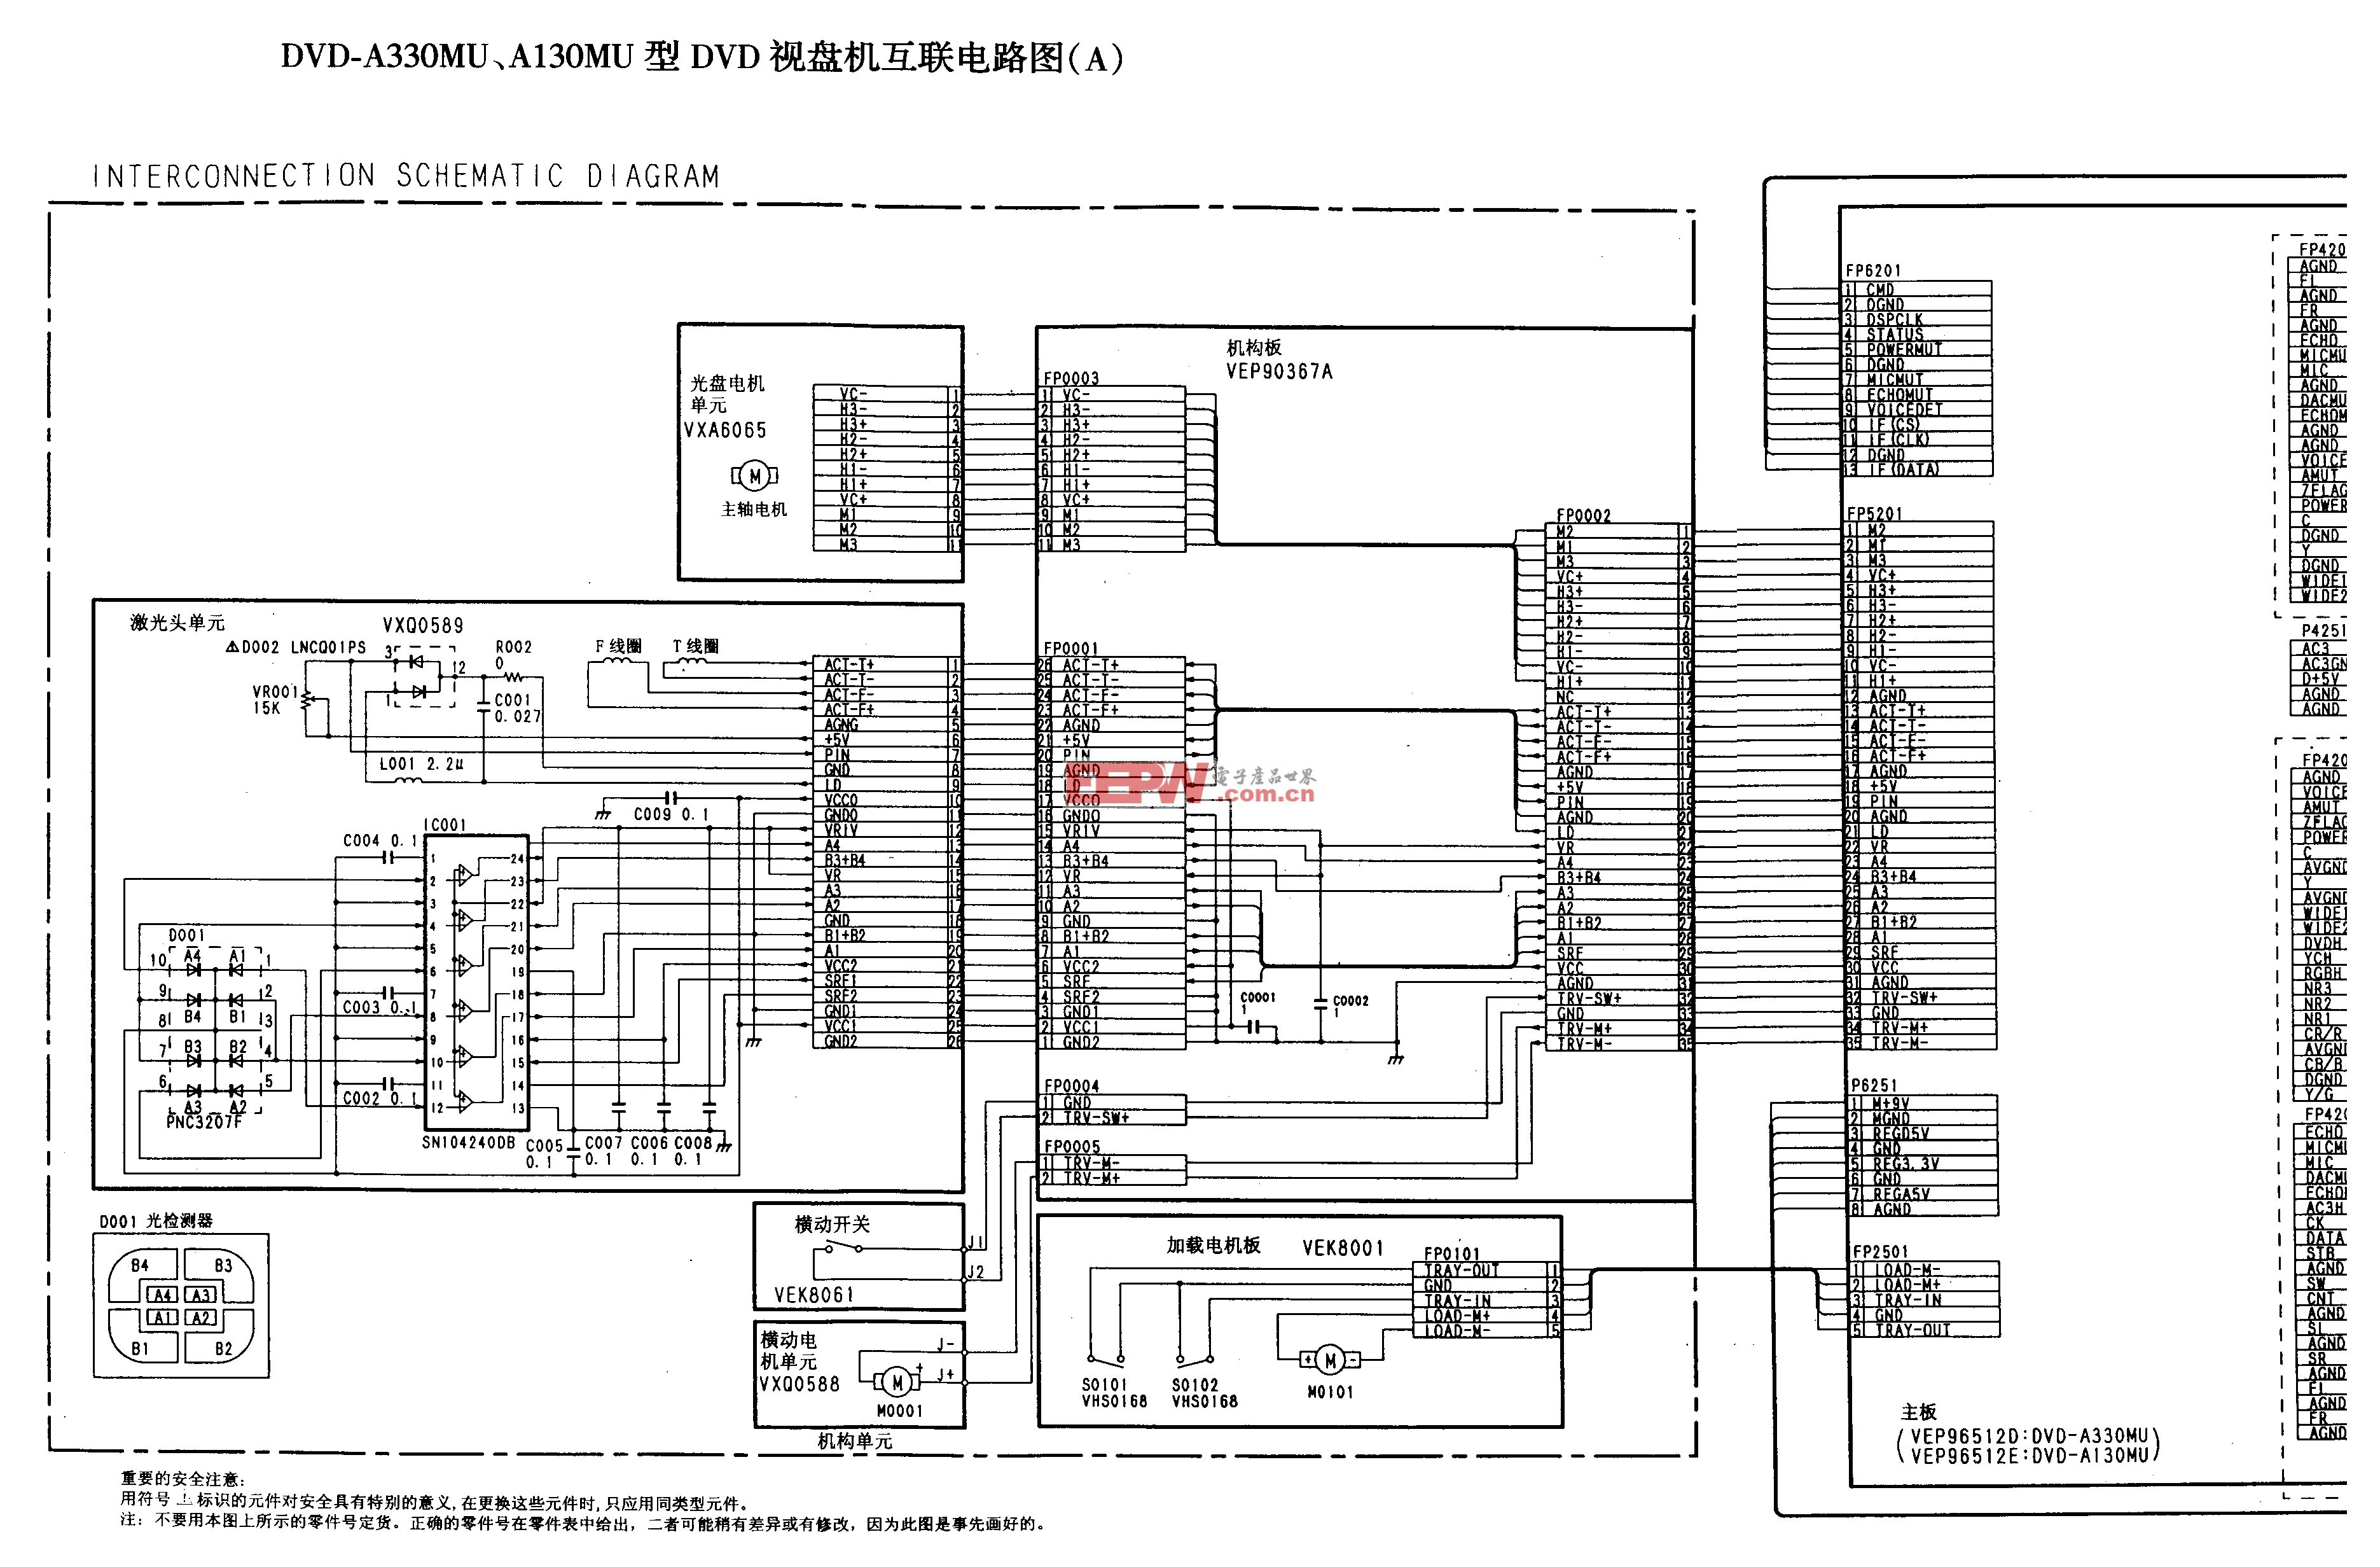 松下DVD-A330MU、DVD-A130MU型DVD-互联电路图A